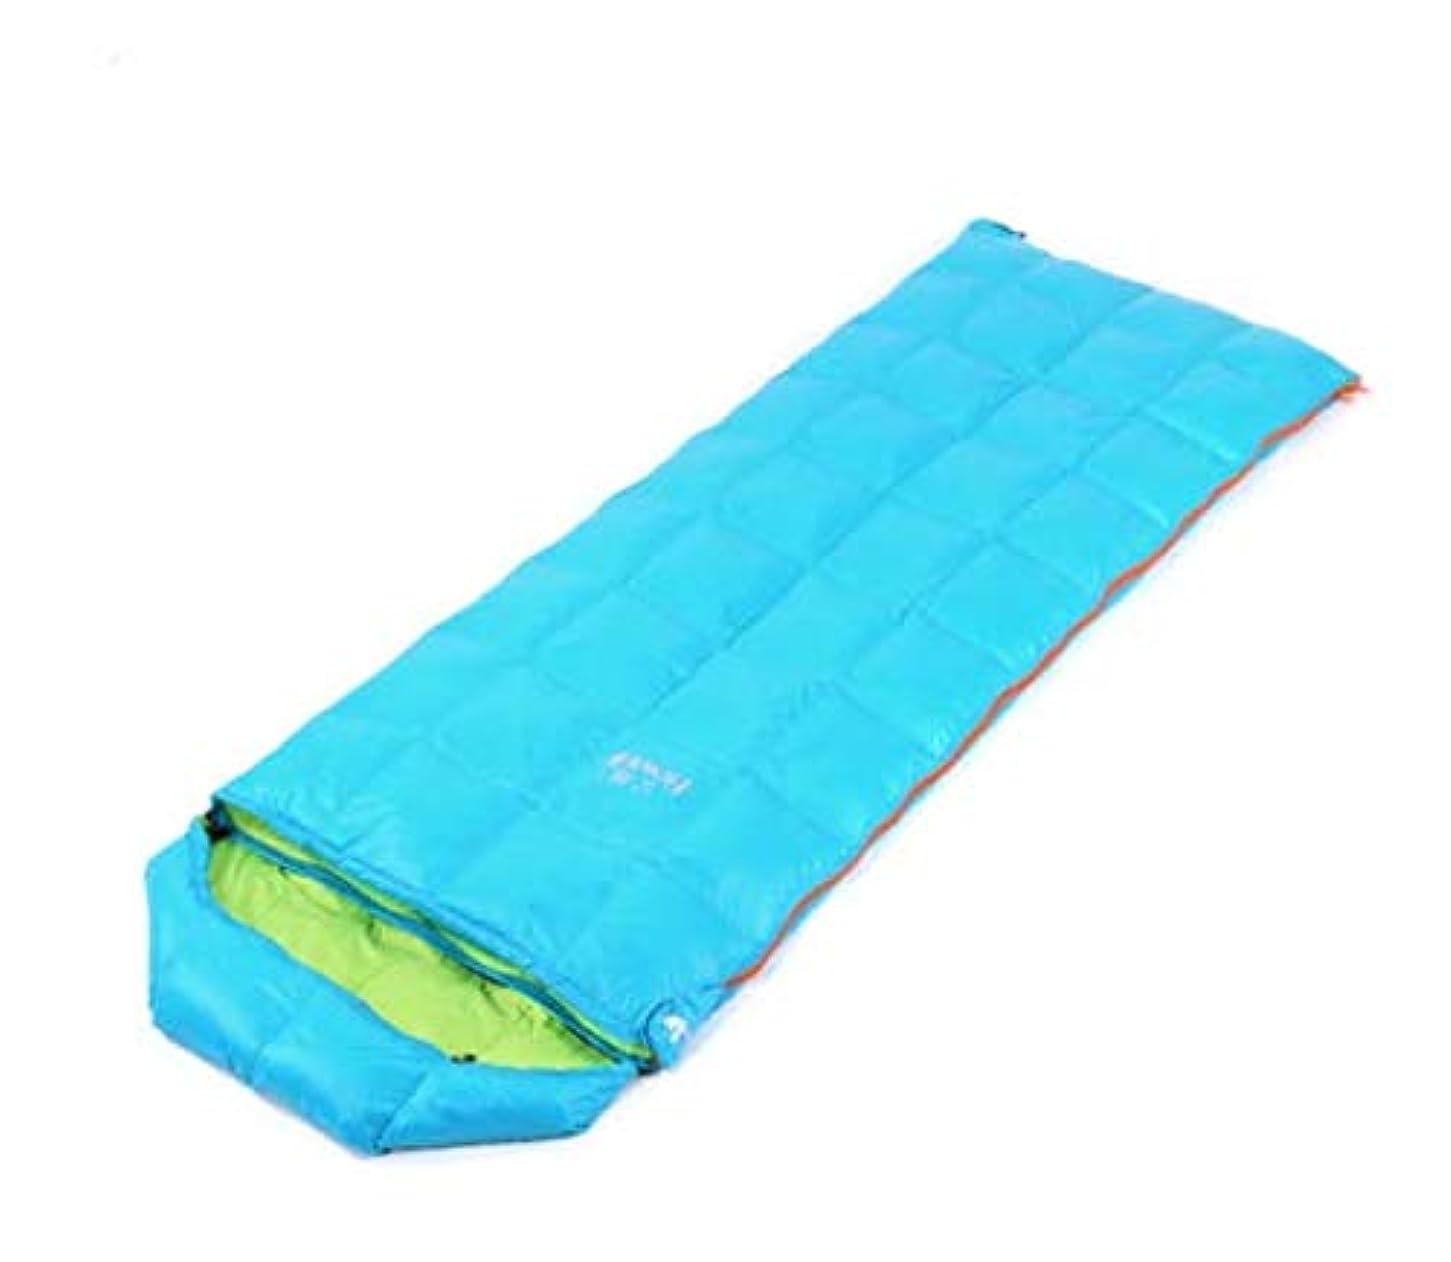 盆地賭けポンド大人の屋外の封筒のタイプ超寝袋寝袋春と秋のキャンプ用品寝袋暖かいアヒルを壊す (Color : スカイブルー)